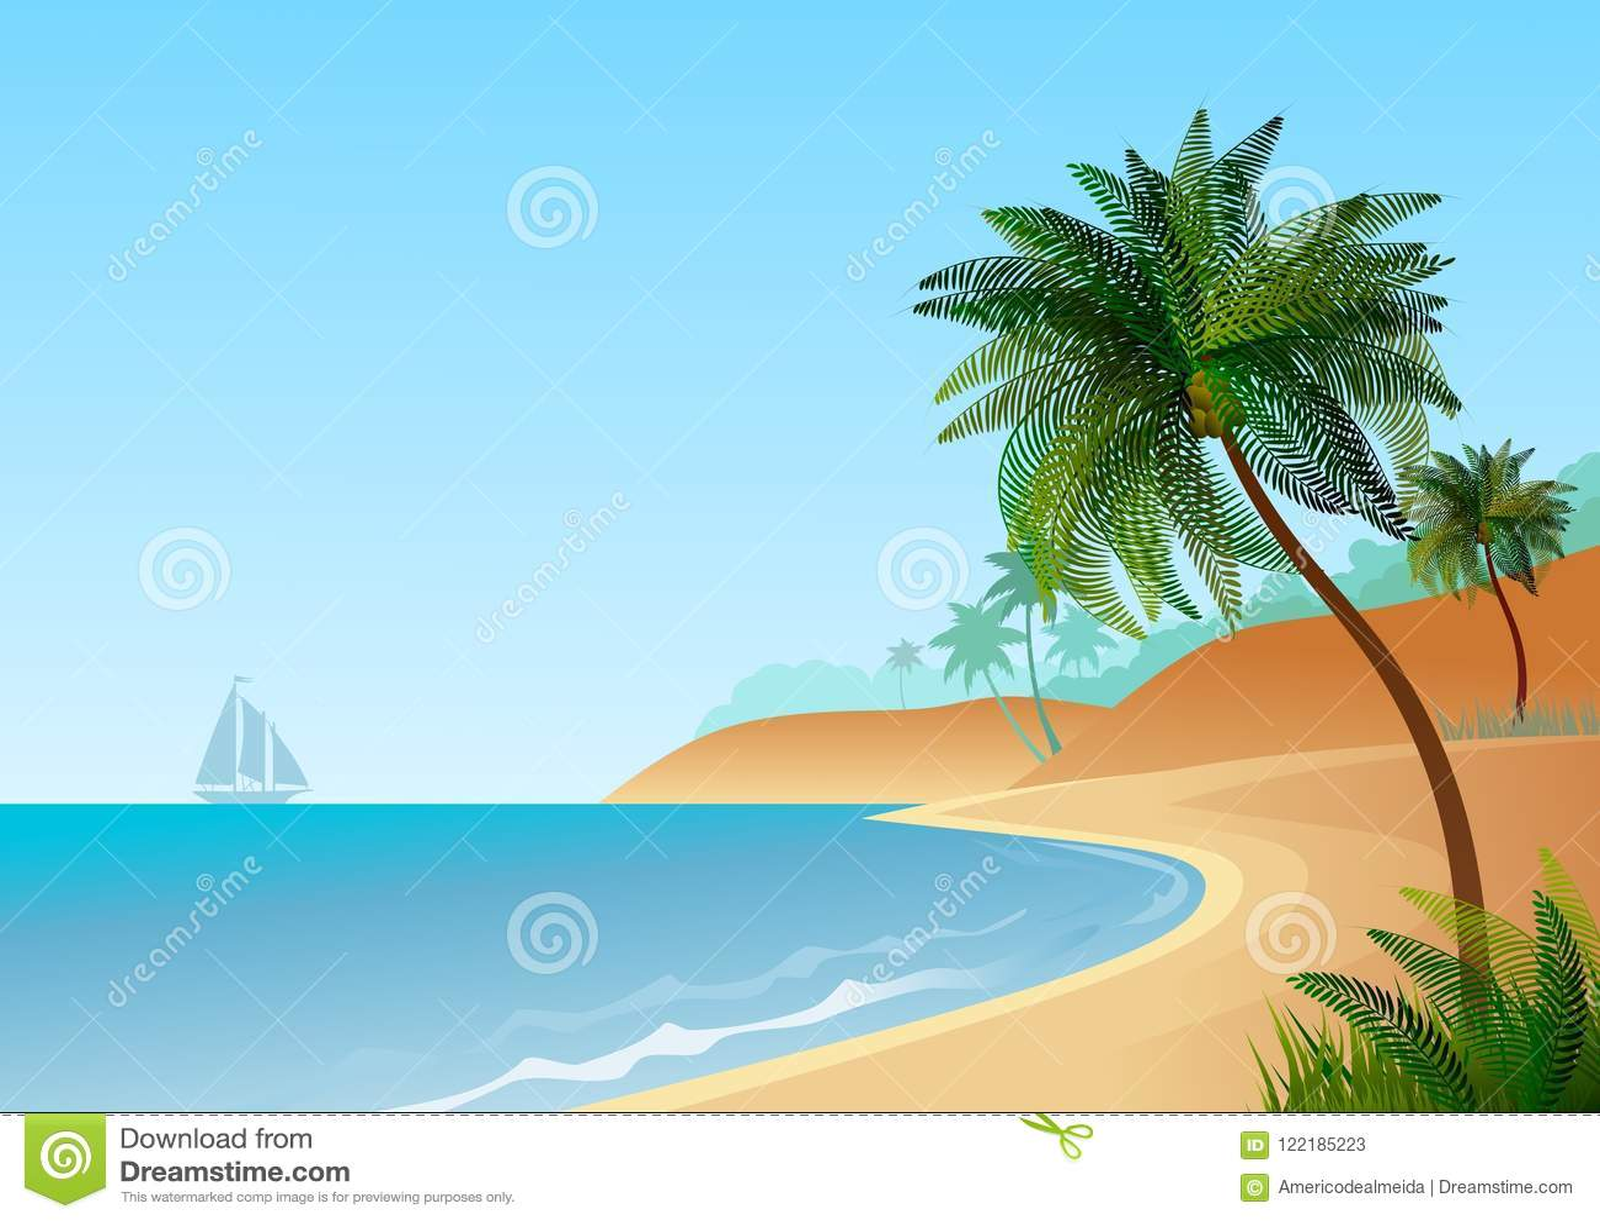 Papel De Parede Com Paisagem Maritima Com Praia E Palmeiras